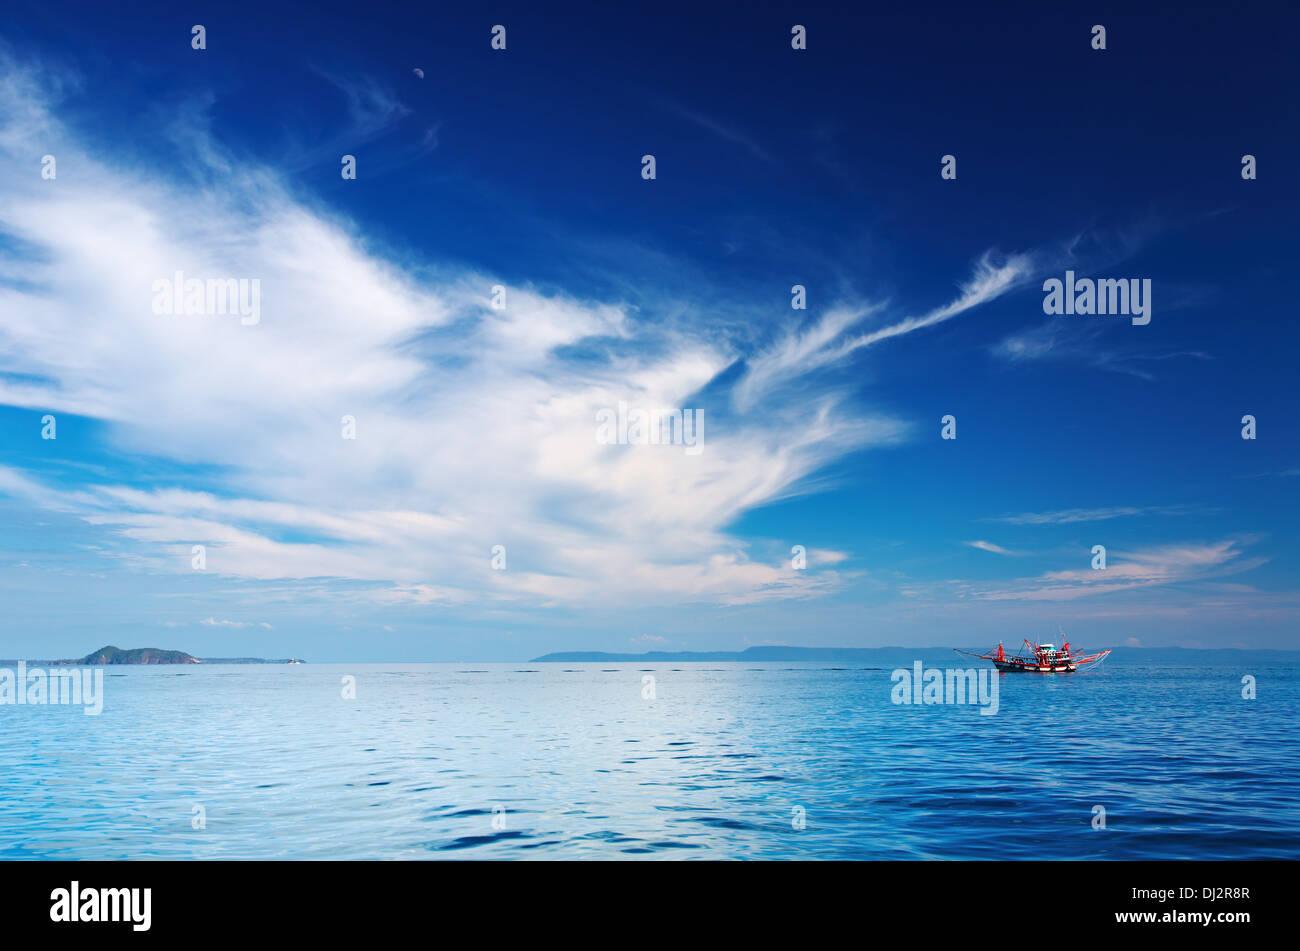 Seascape avec bateau de pêche, l'archipel de Trat, Thaïlande Photo Stock